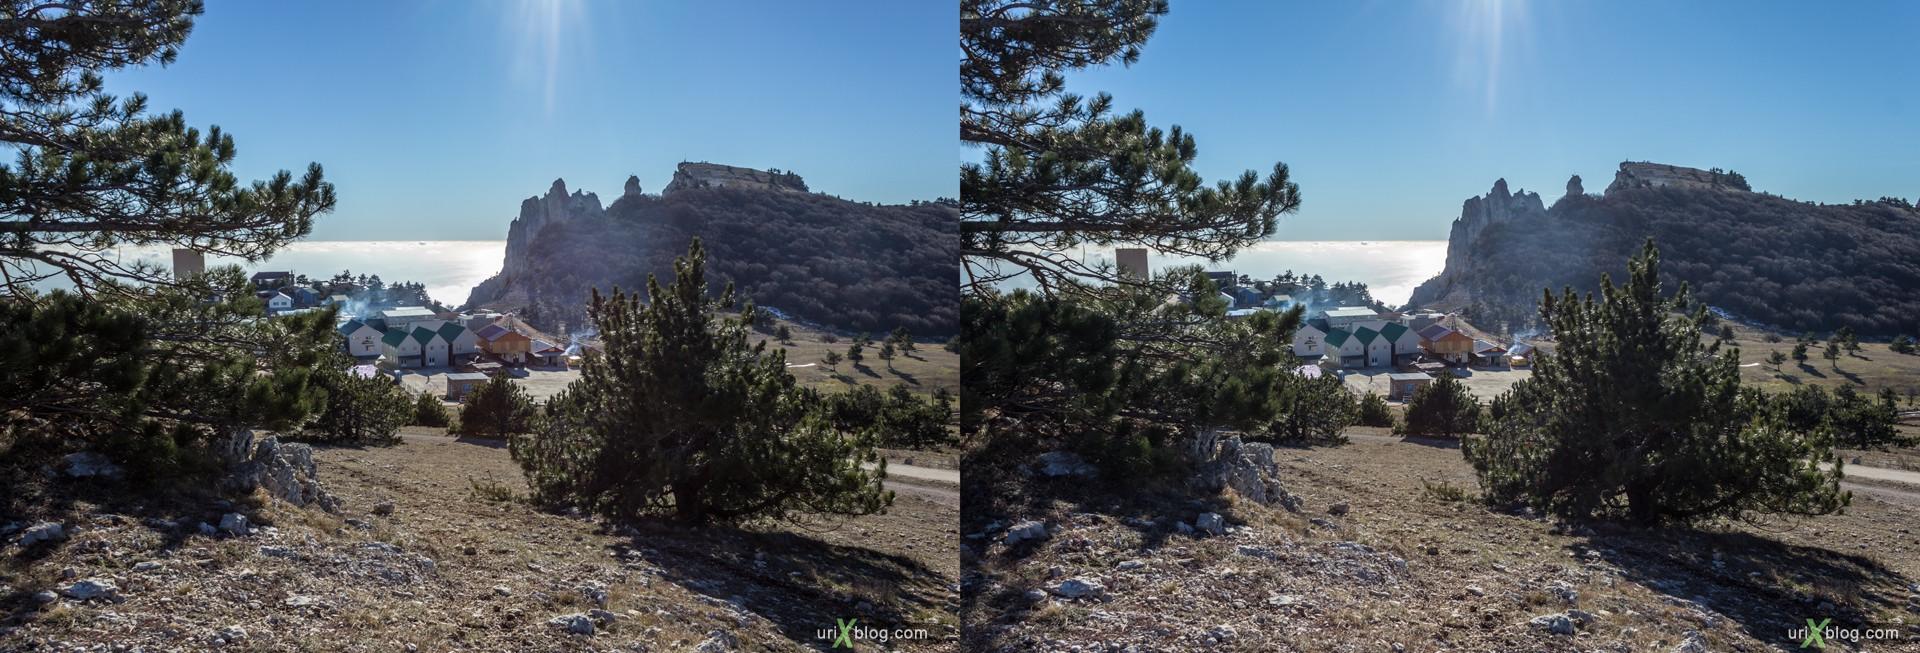 2012, Крым, Россия, Украина, Ай-Петри, Горы, скалы, яйла, зима, 3D, перекрёстная стереопара, стерео, стереопара